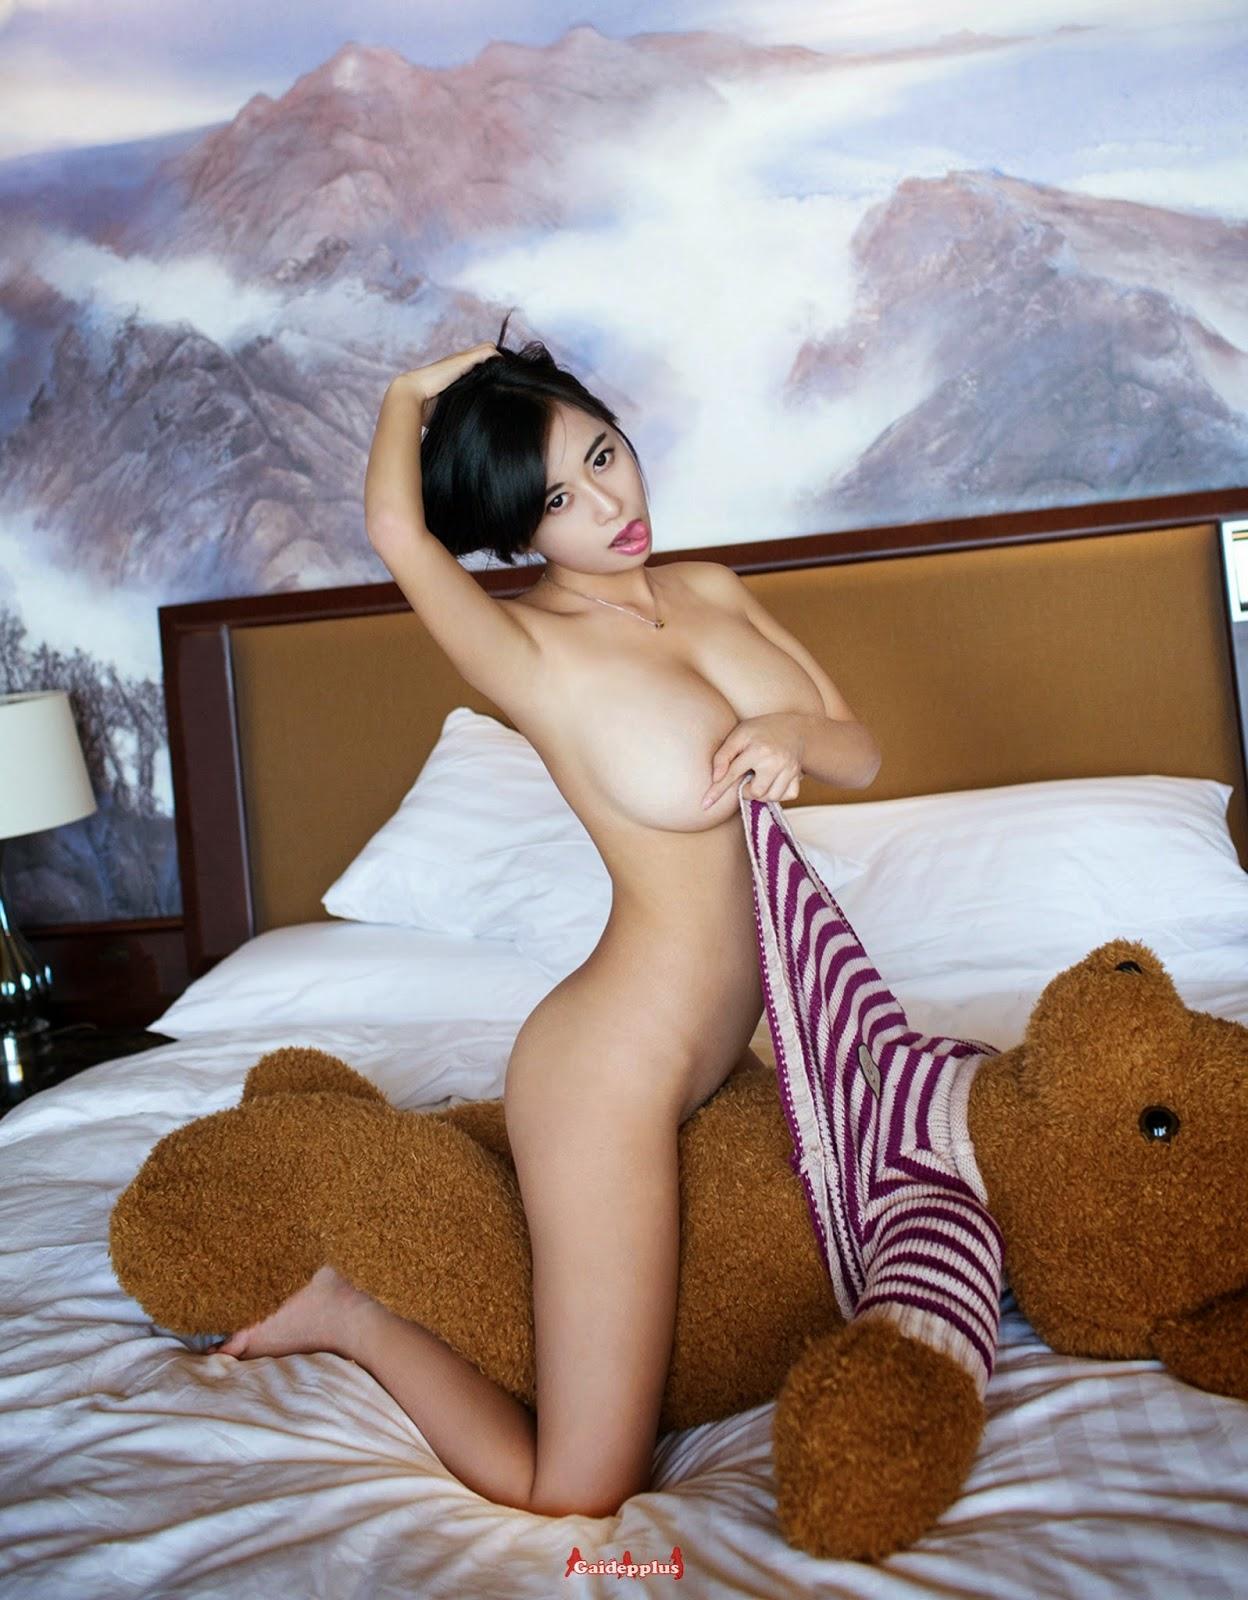 Nude photos movie stars